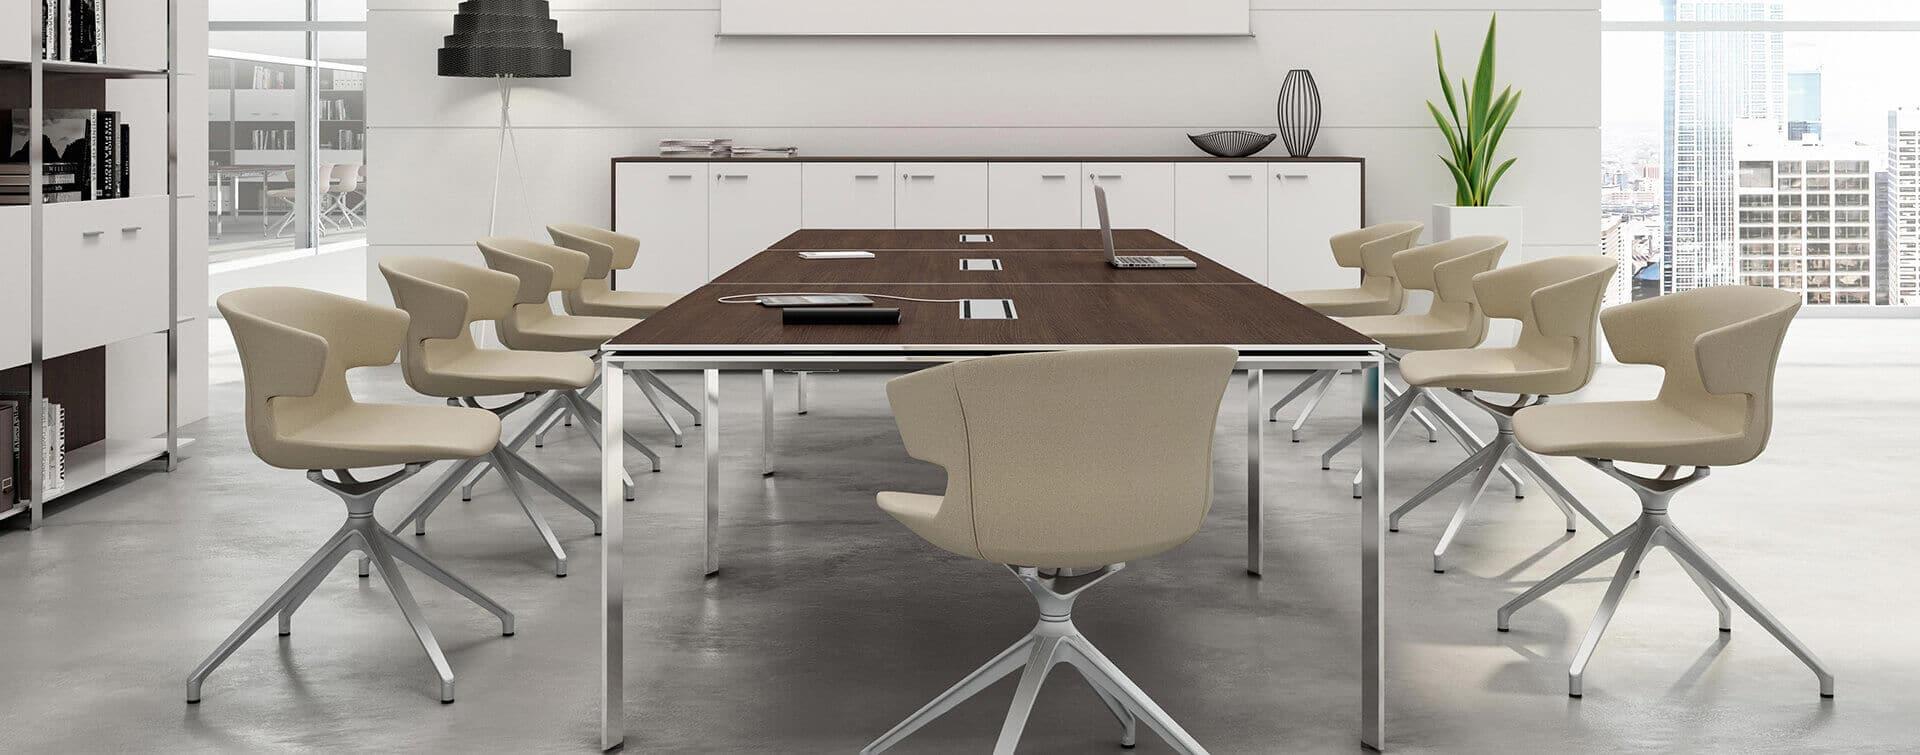 Ambiente de reuniones productivas futuro de la empresa